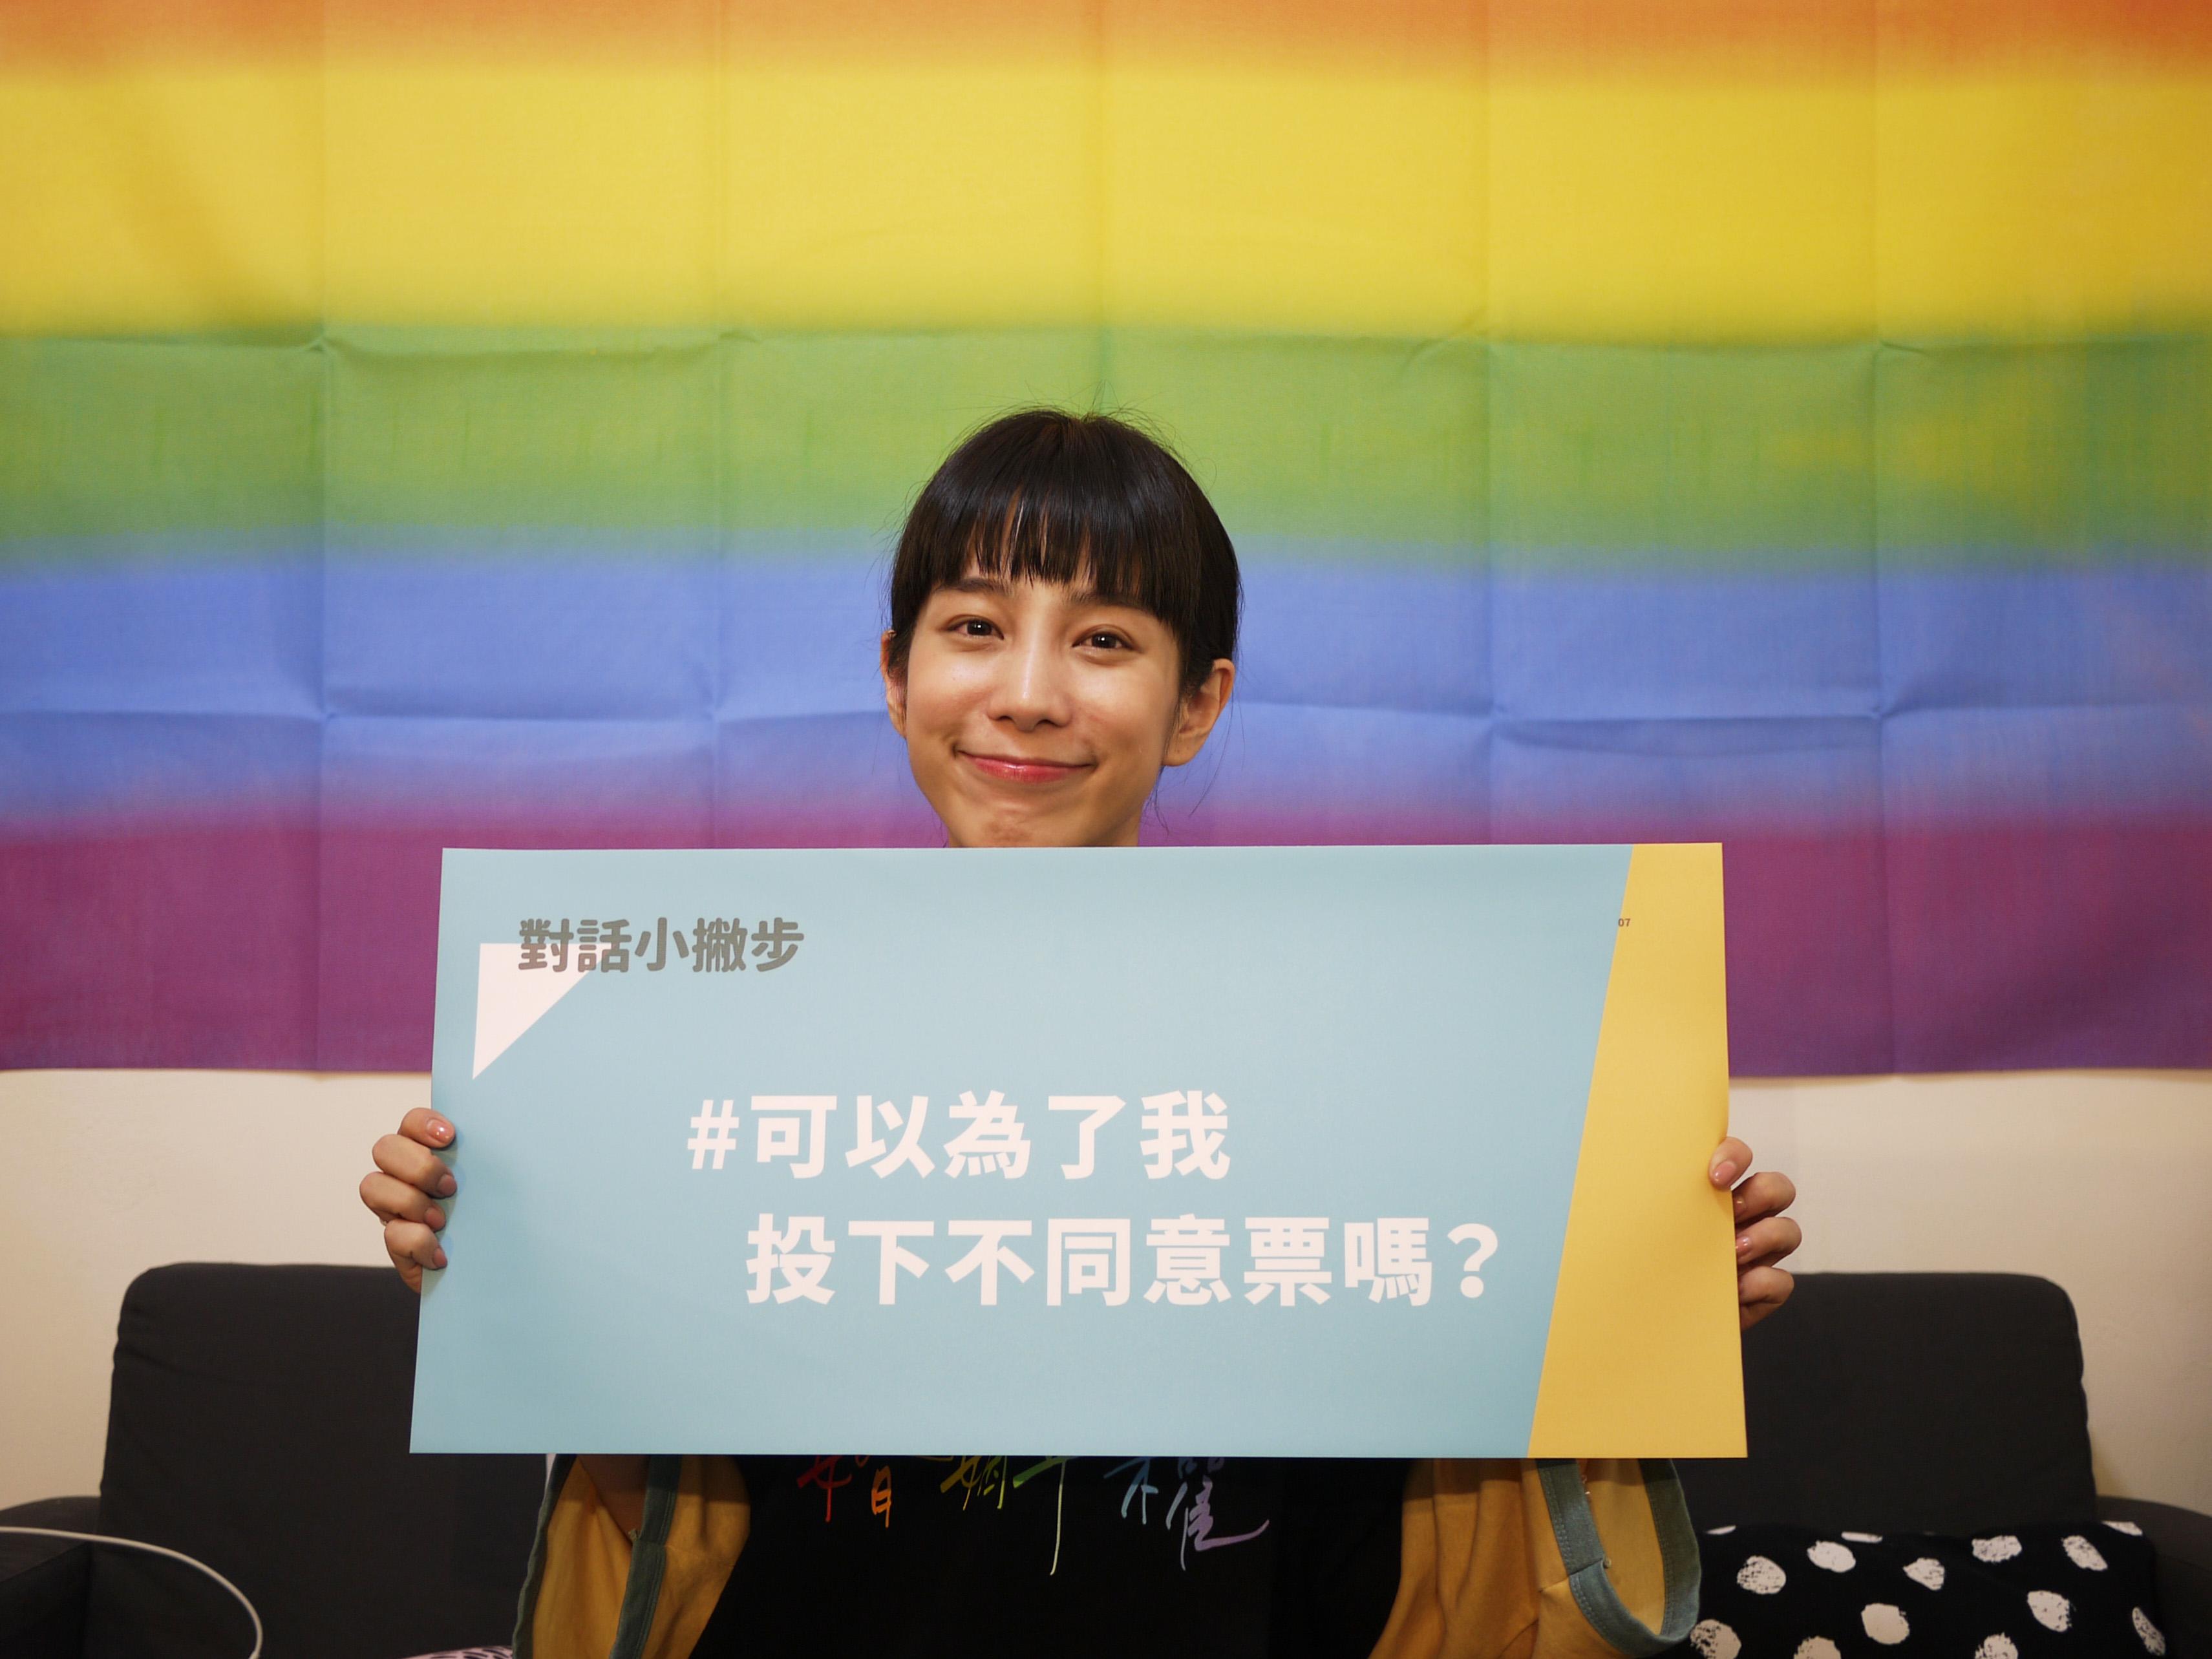 金鐘視后温貞菱與計程車司機大聊婚姻平權!網友讚「勇氣與智慧兼具的女神」